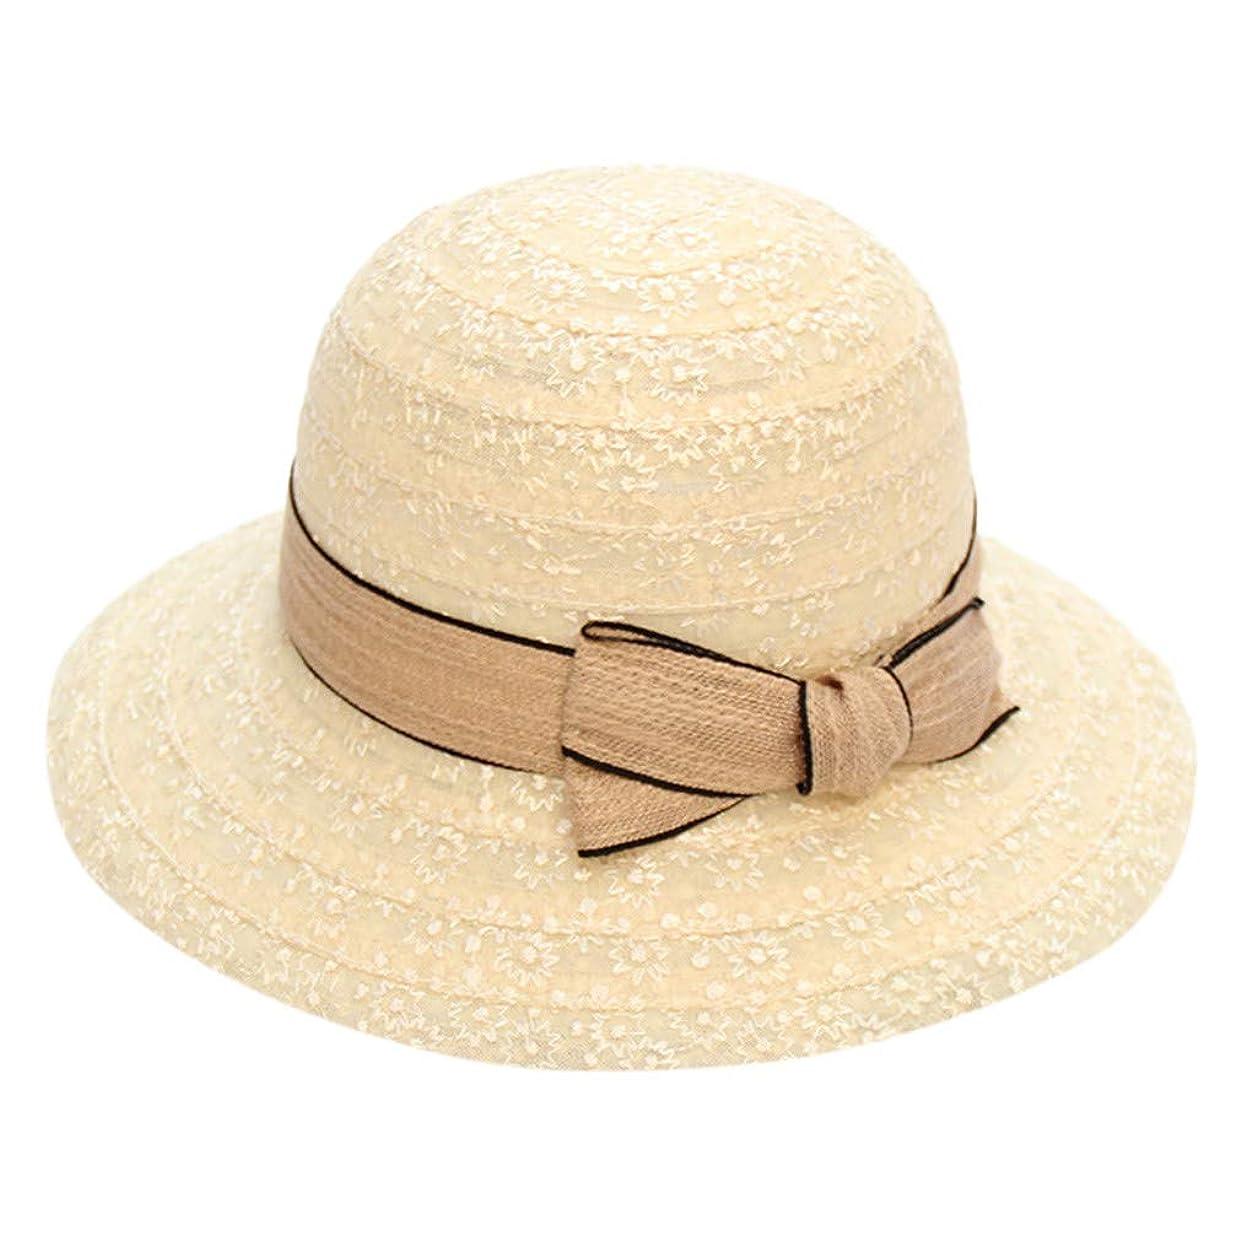 扇動する企業名声UVカット 帽子 レディース uv ハット 日除け ハット 日除け キャップ 小顔効果 紫外線対策 キャップ 帽子 日焼け防止 軽量 熱中症予防 つば広 おしゃれ 可愛い 夏季 シルクハット 女優帽 アウトドア 海 リゾート ROSE ROMAN